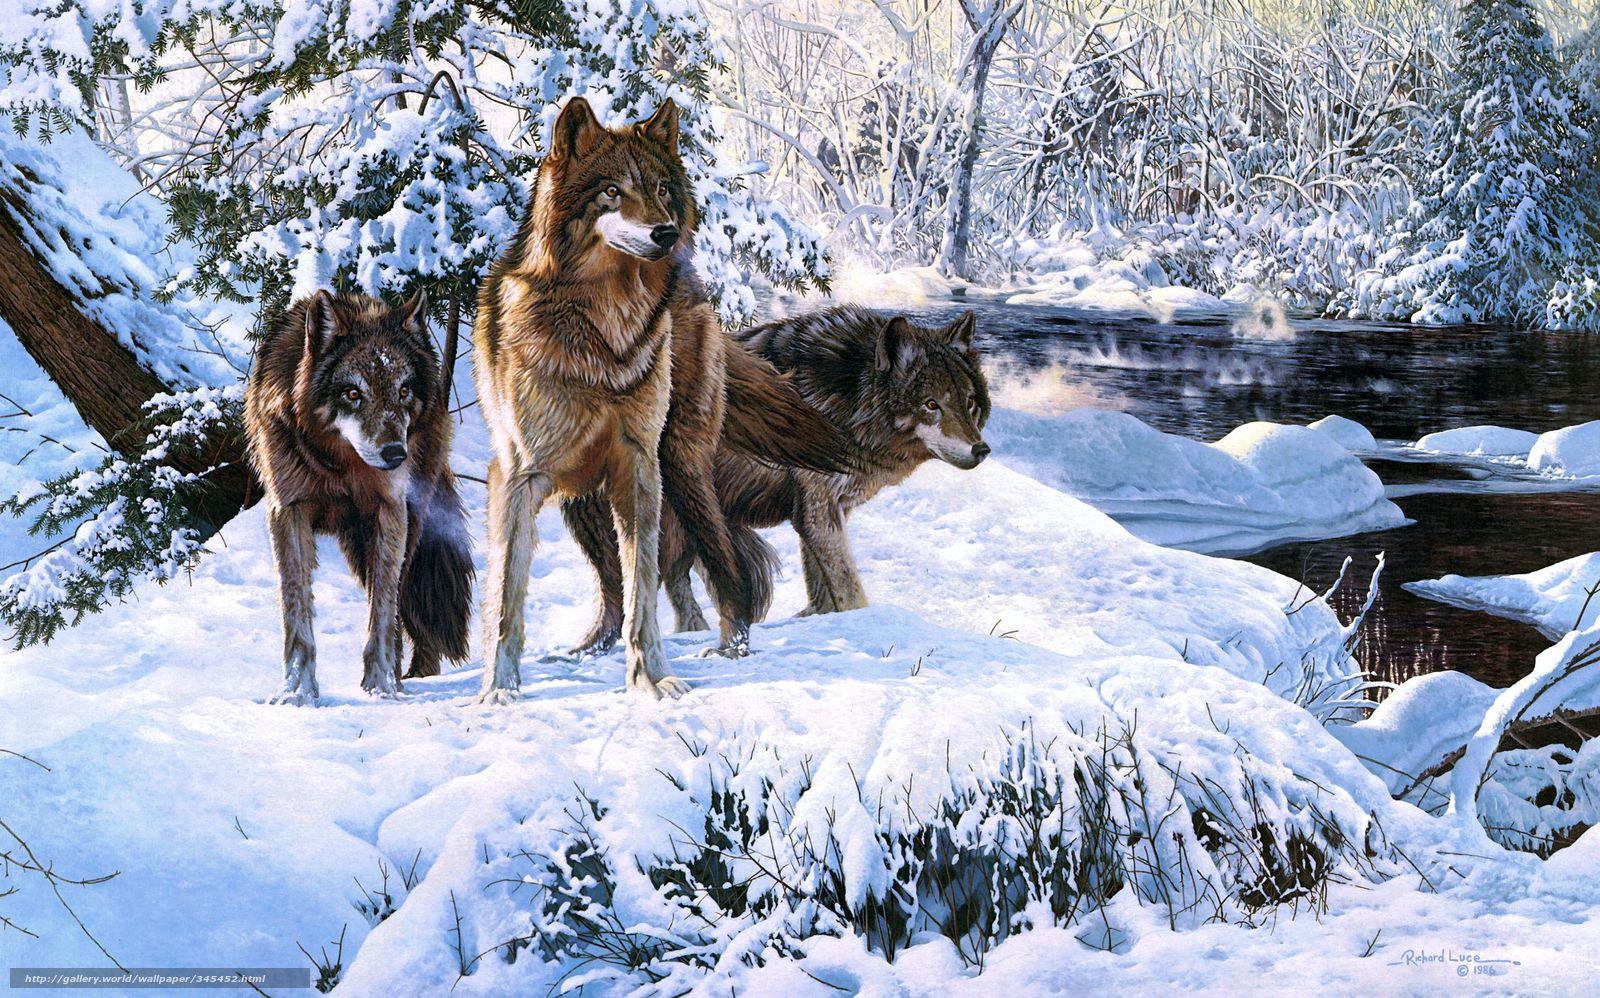 Tlcharger fond d 39 ecran loups hiver neige animaux fonds for Fond ecran hiver animaux